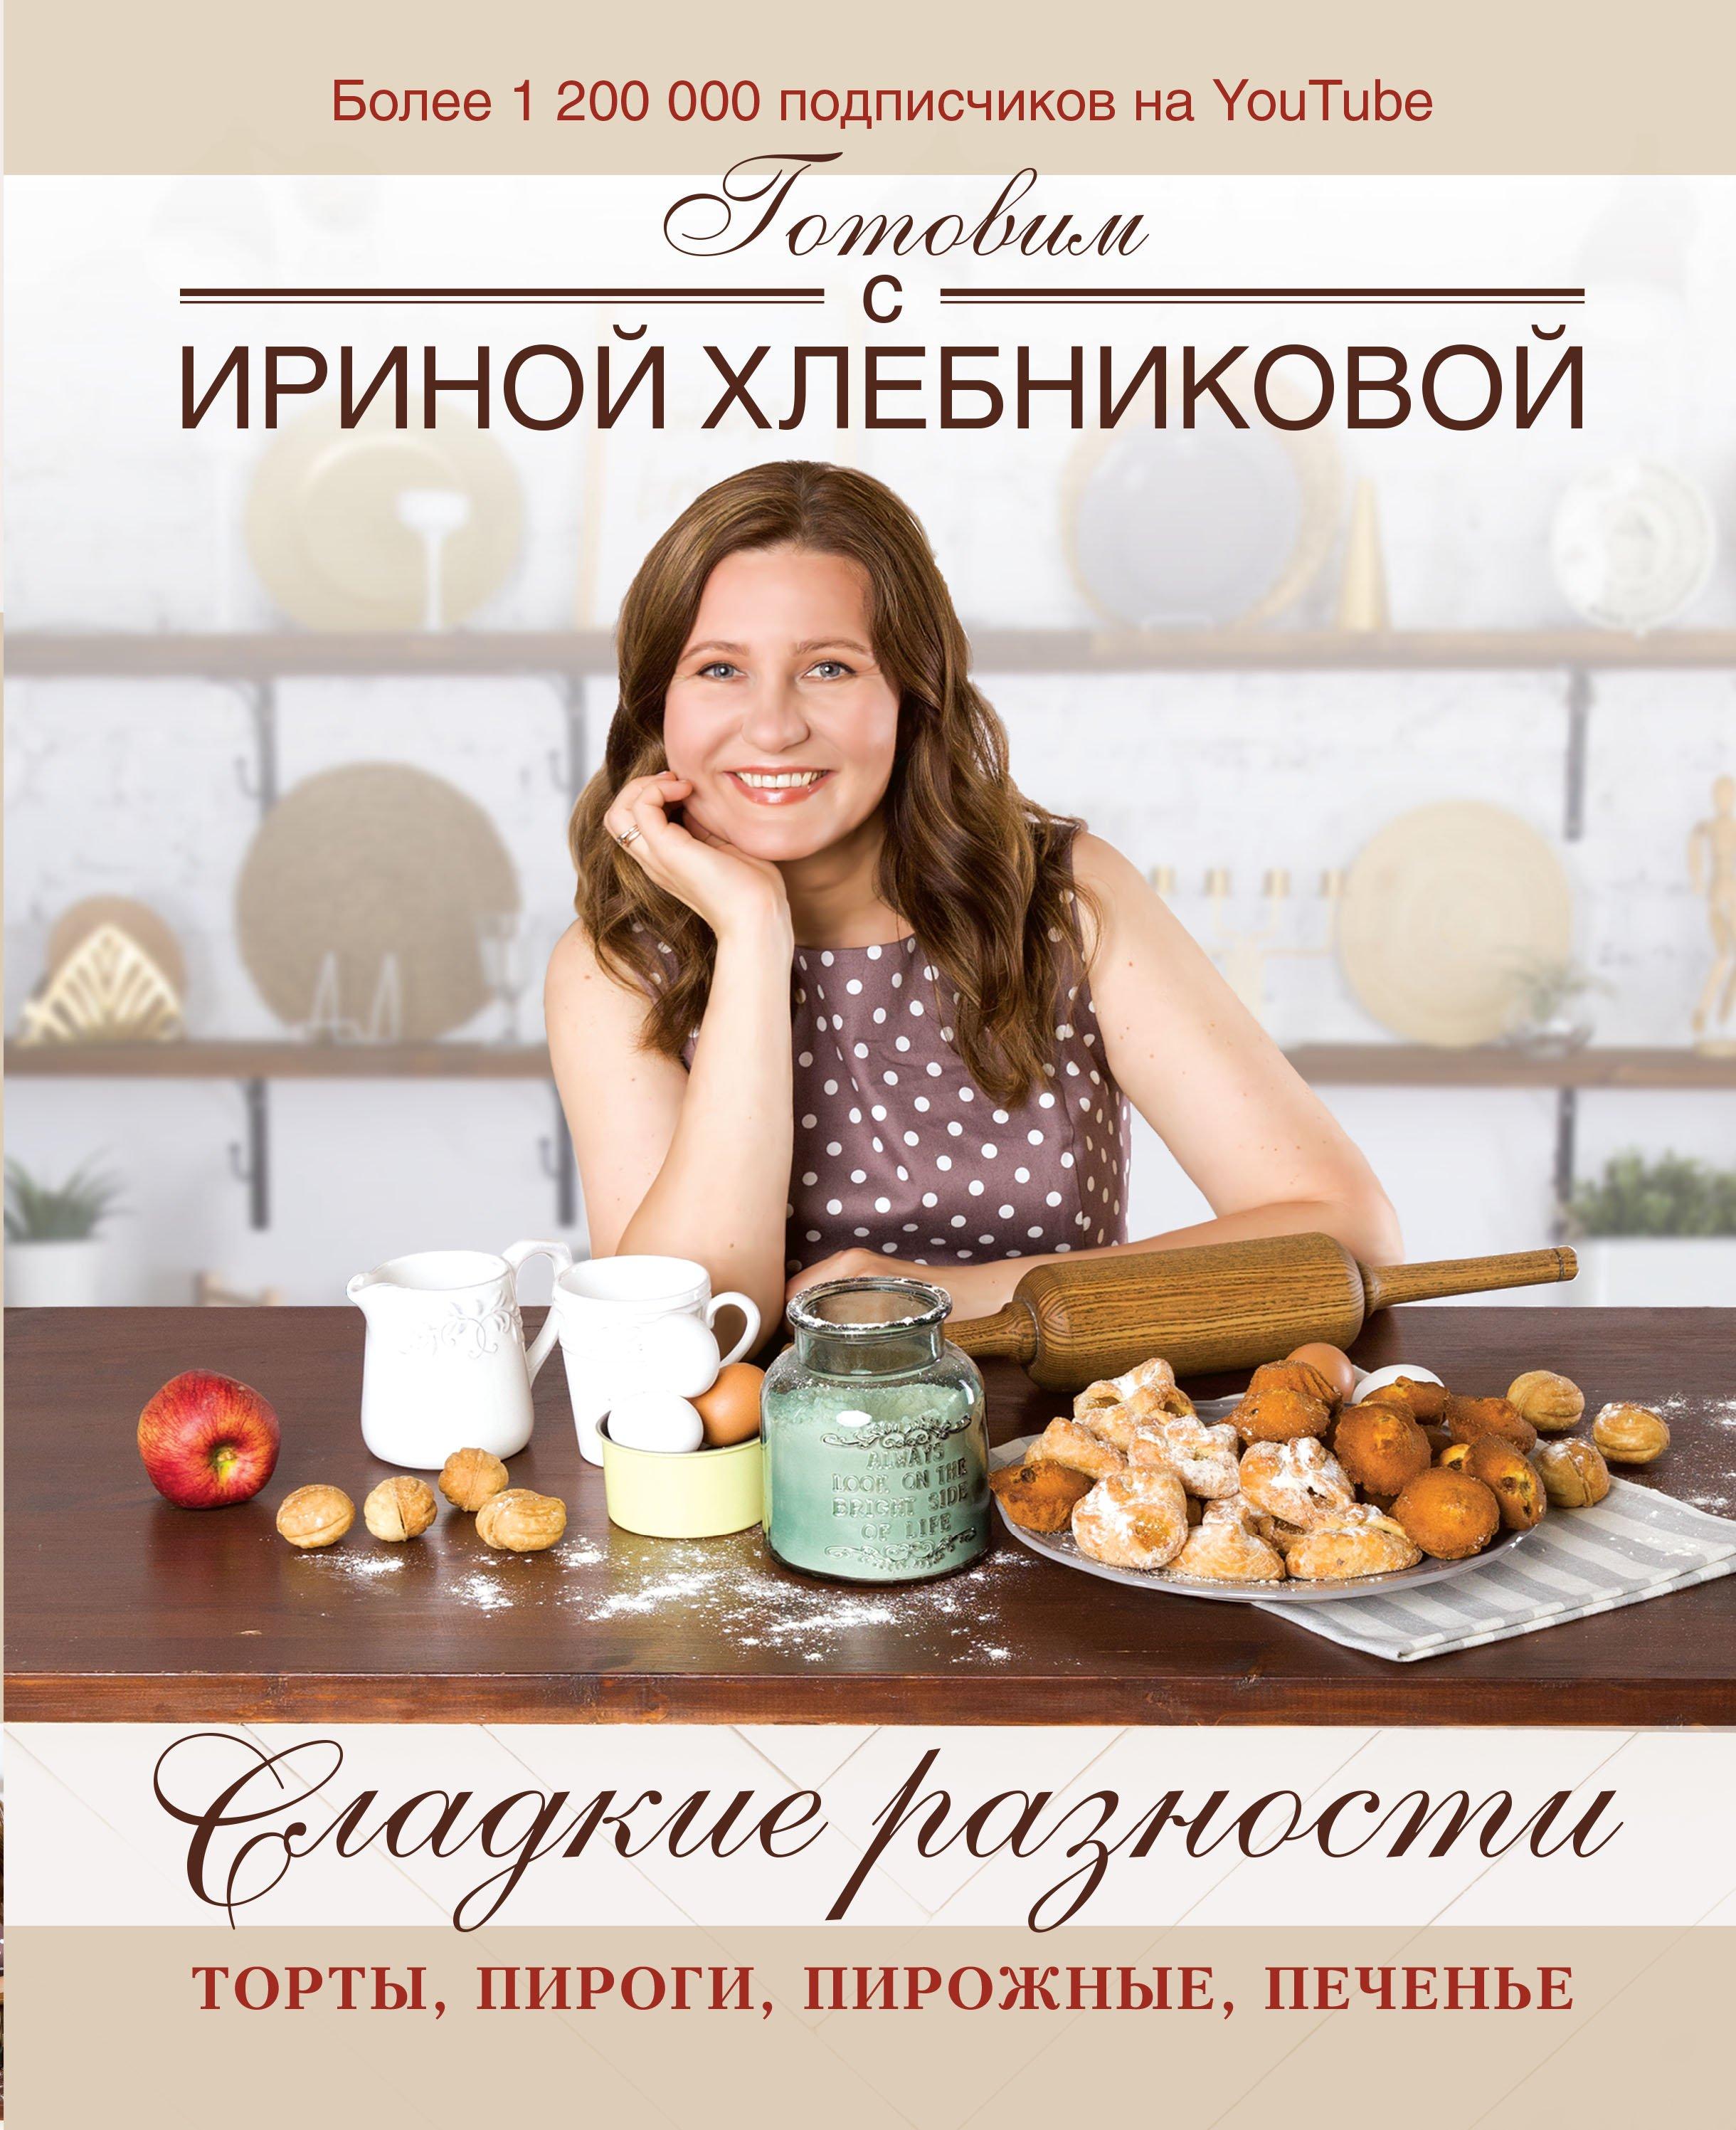 Хлебникова Ирина Николаевна Сладкие разности: торты, пироги, пирожные, печенье.Готовим с Ириной Хлебниковой